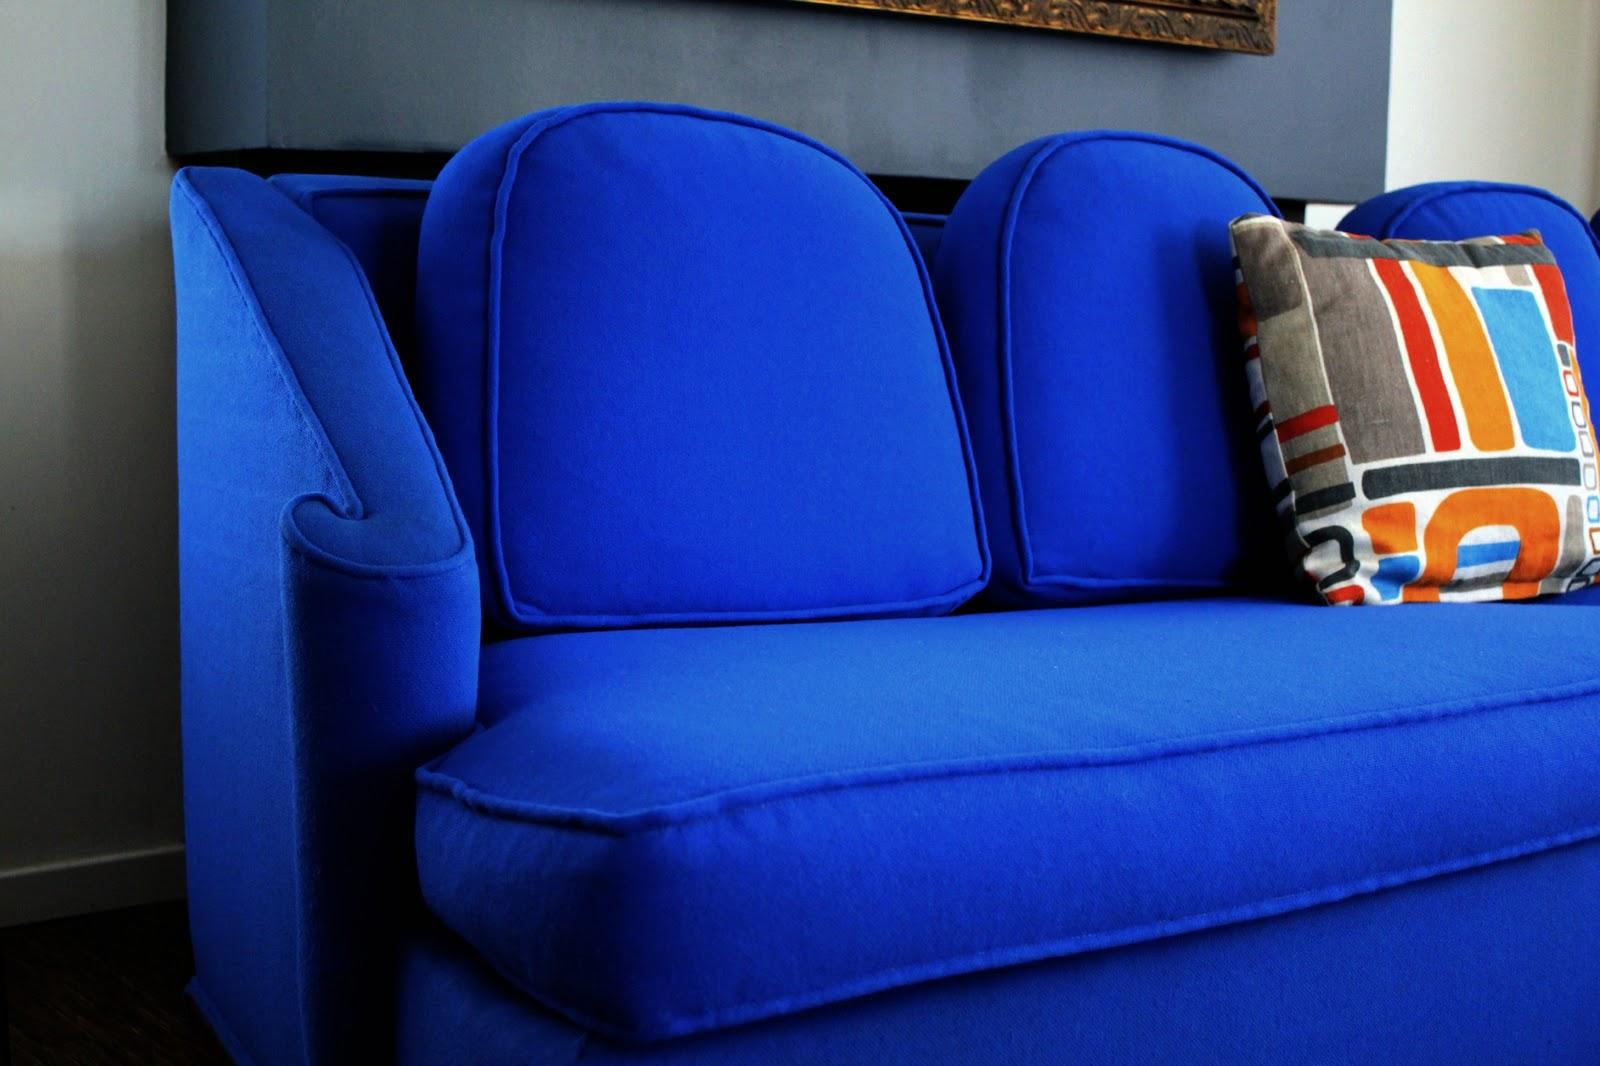 Awesome Electric Blue Retro Sofa